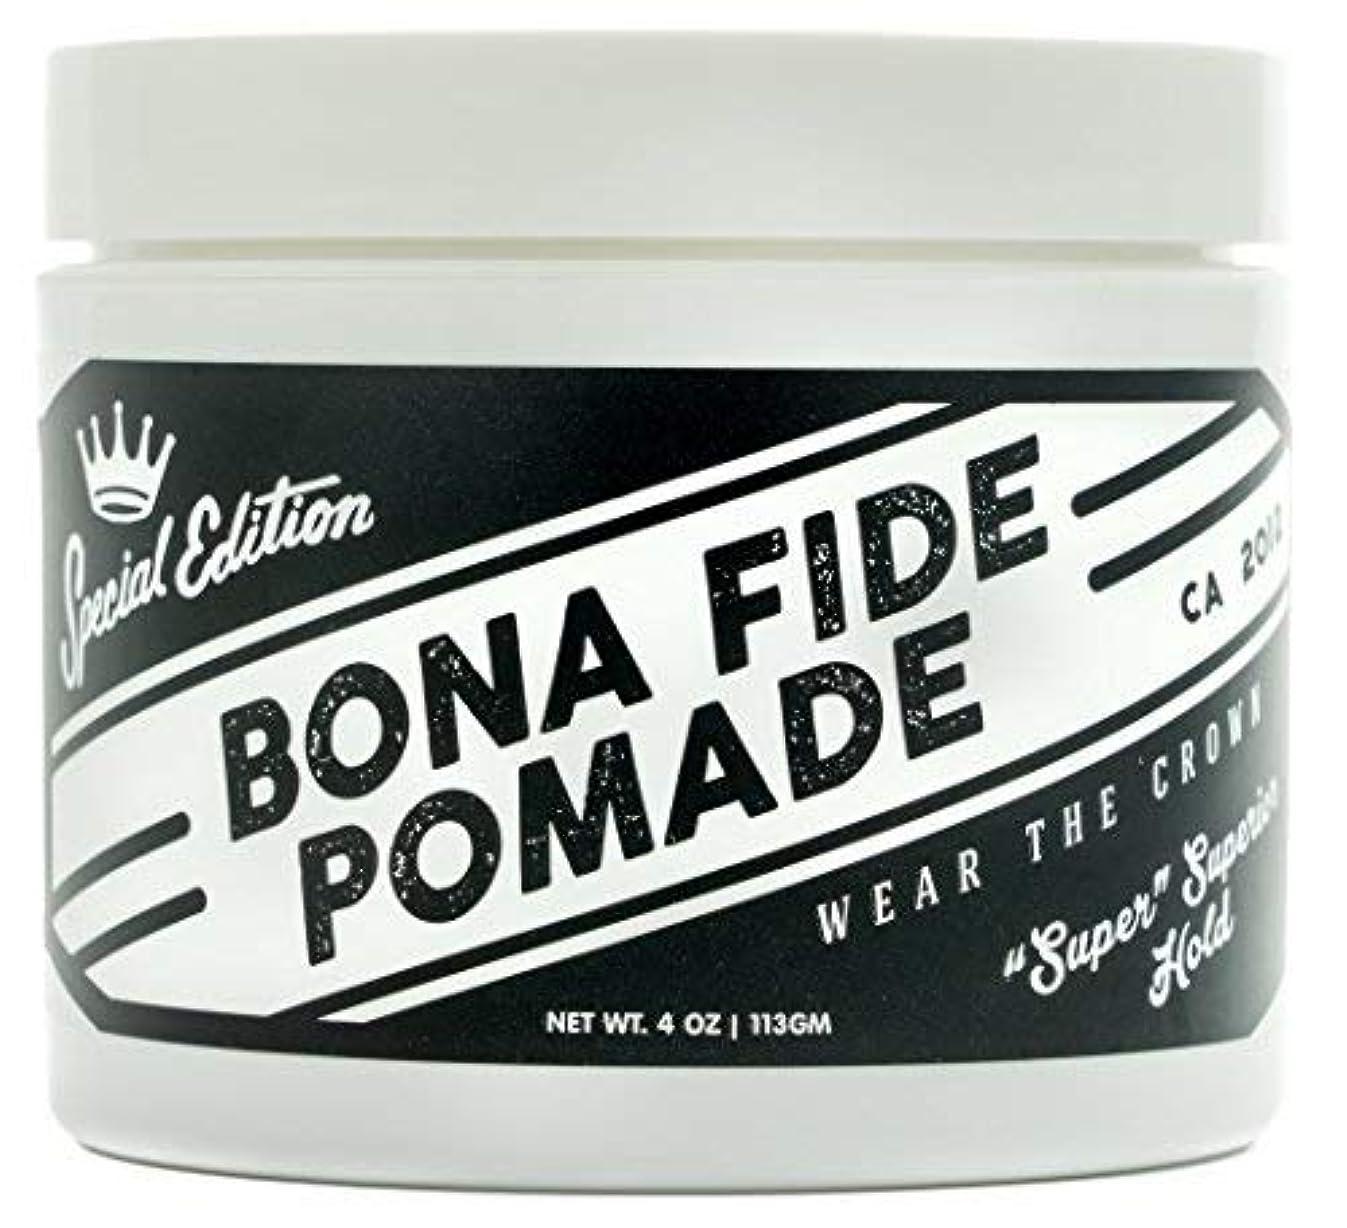 気分が良いとティームジーンズBona Fide Pomade, スーパースーペリアホールドSE, 4OZ (113g)、水性ポマード/ヘアー グリース (整髪料)